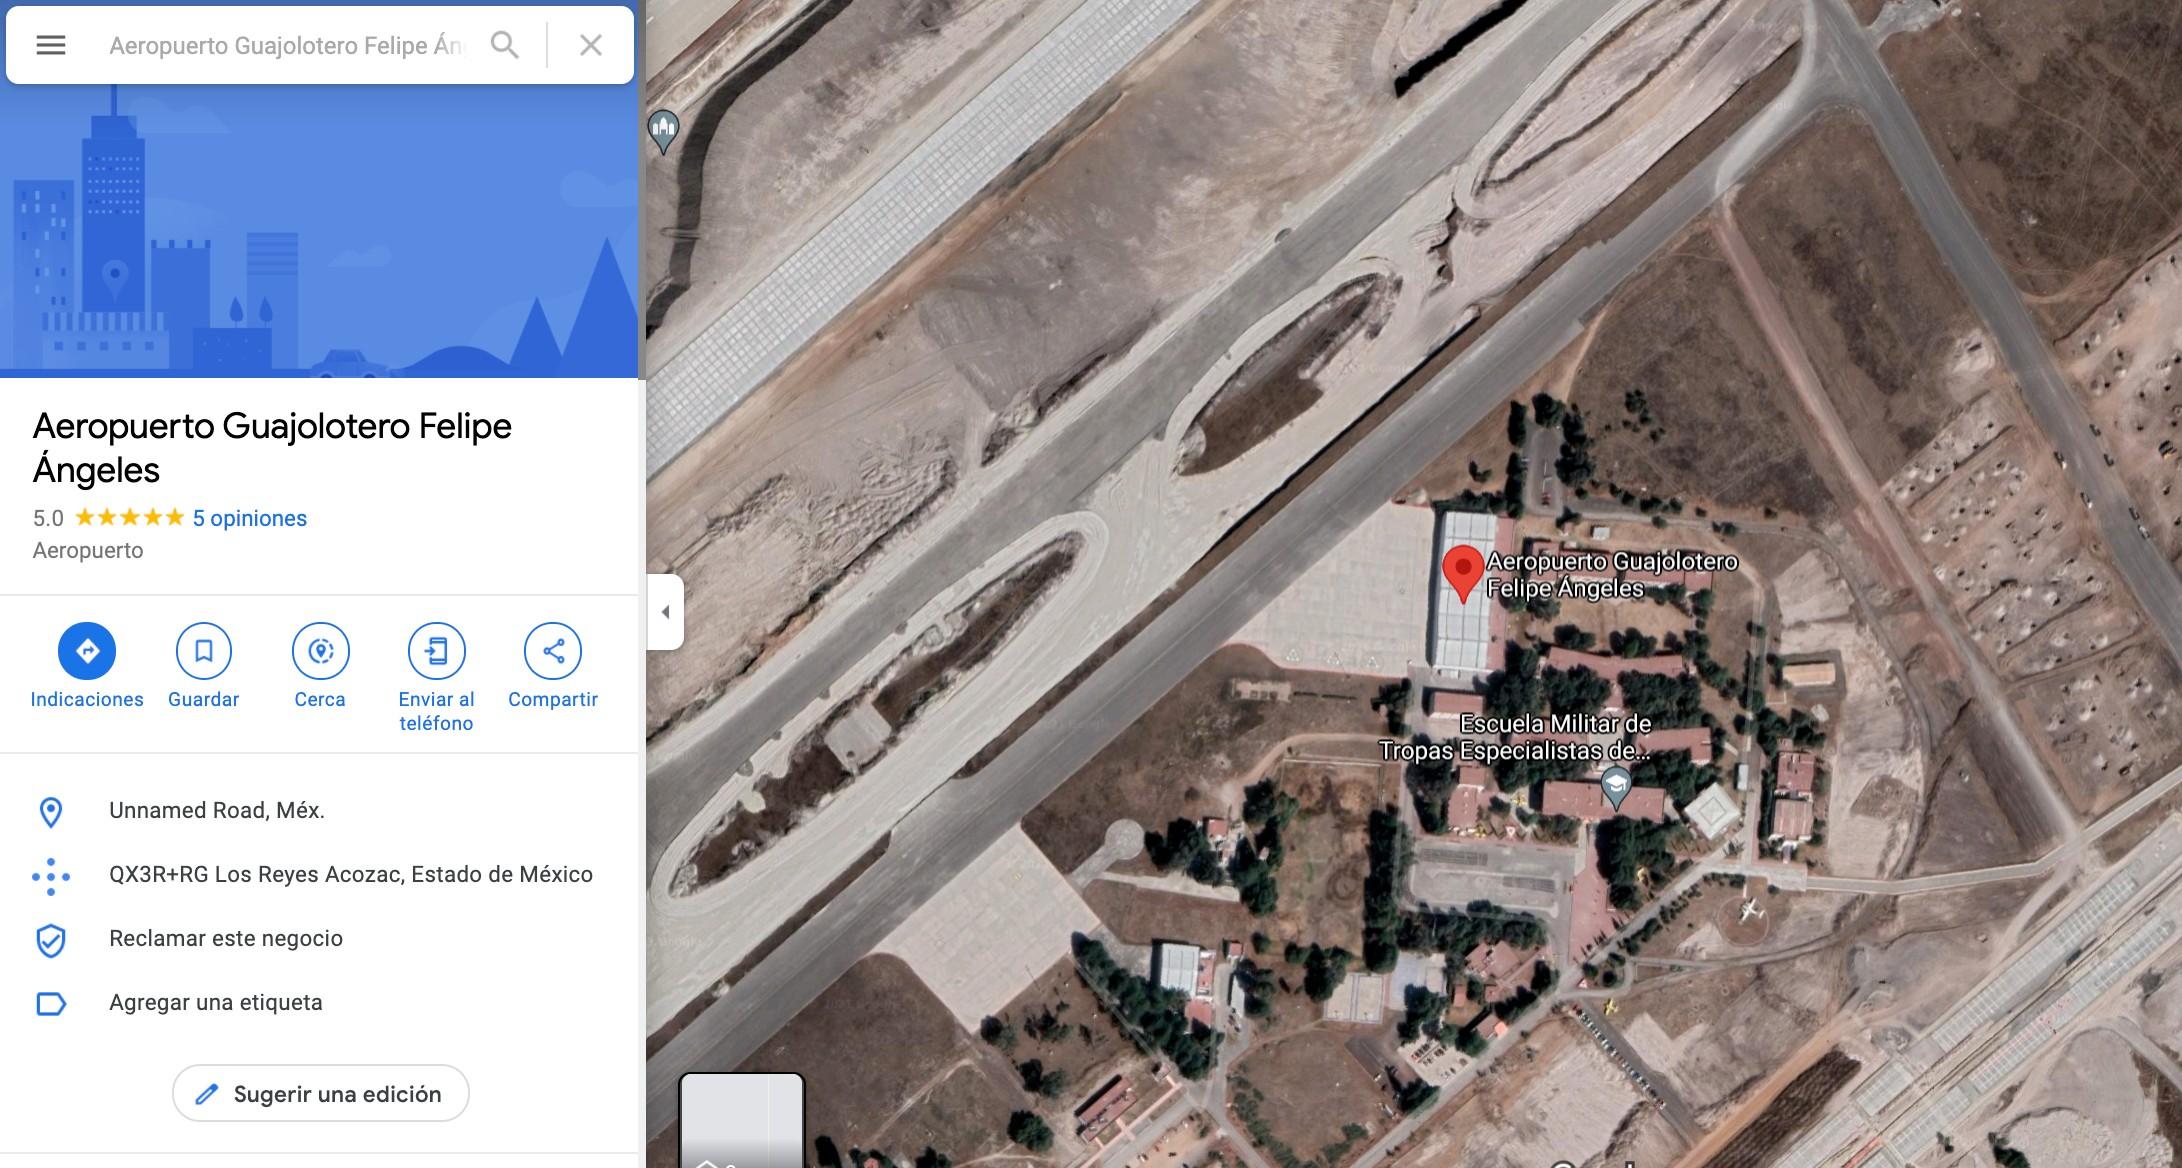 """Cambian en Google Maps el nombre de Santa Lucía por """"Aeropuerto Guajolotero"""""""